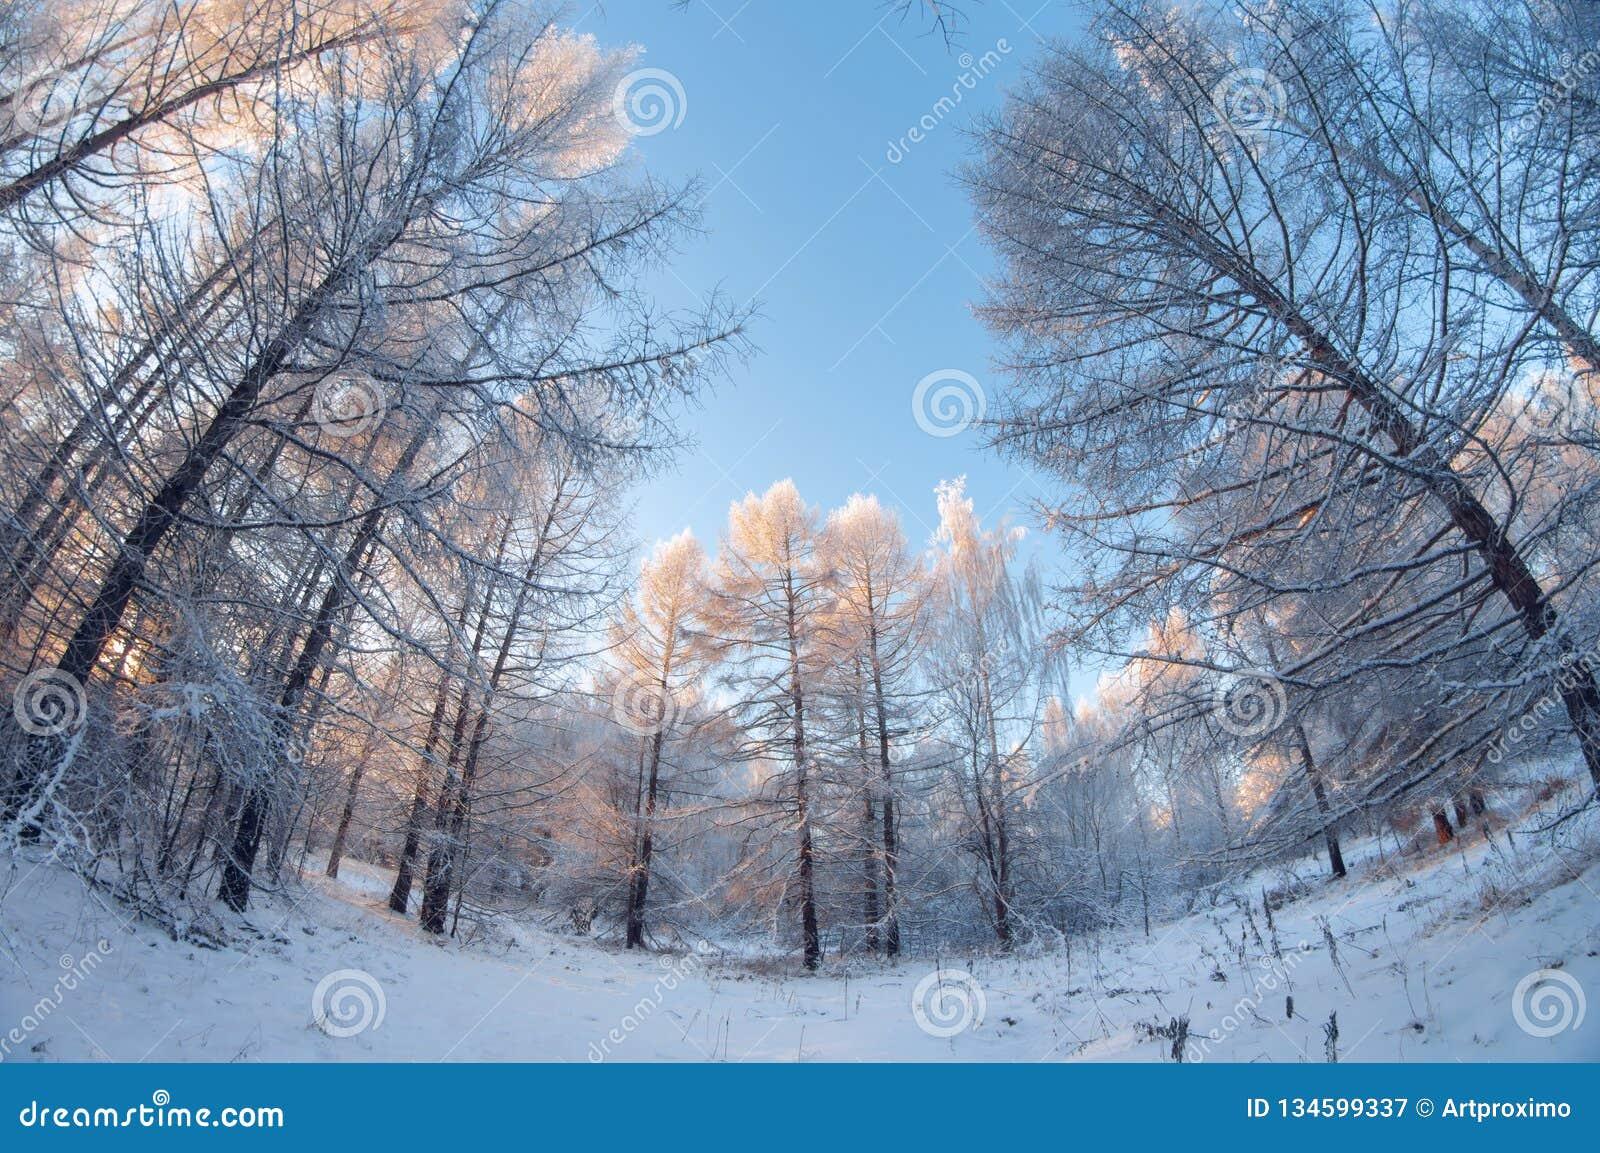 Schöne Winterlandschaft, schneebedeckter Wald an einem sonnigen Tag, Türspionsverzerrung, hohe schneebedeckte Bäume mit einem bla